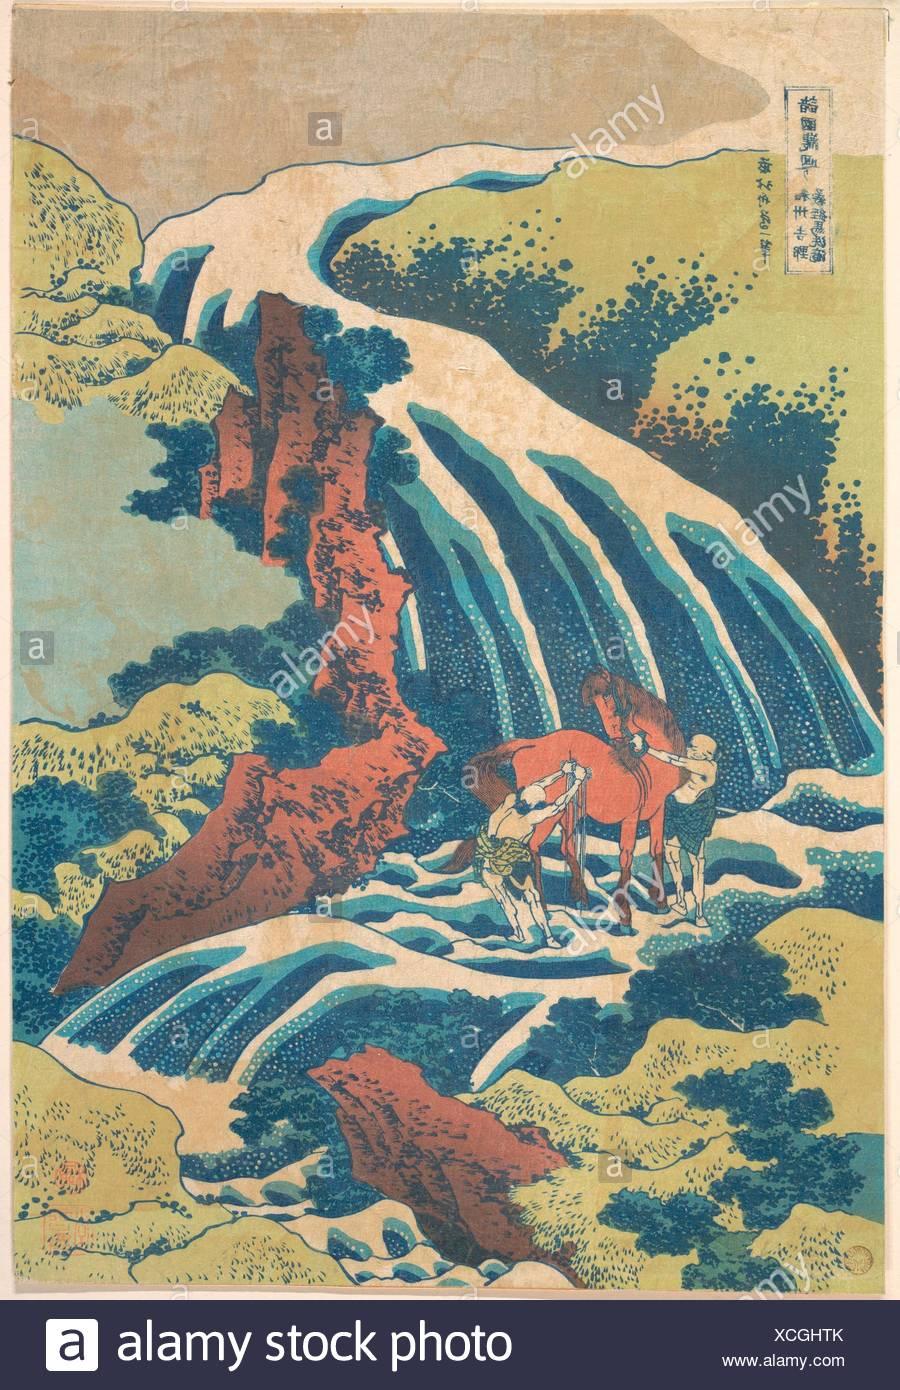 諸國瀧廻リ 和州吉野義経馬洗滝/The Waterfall Where Yoshitsune Washed His Horse at Yoshino in Yamato Province (Washu Yoshino Yoshitsune - Stock Image